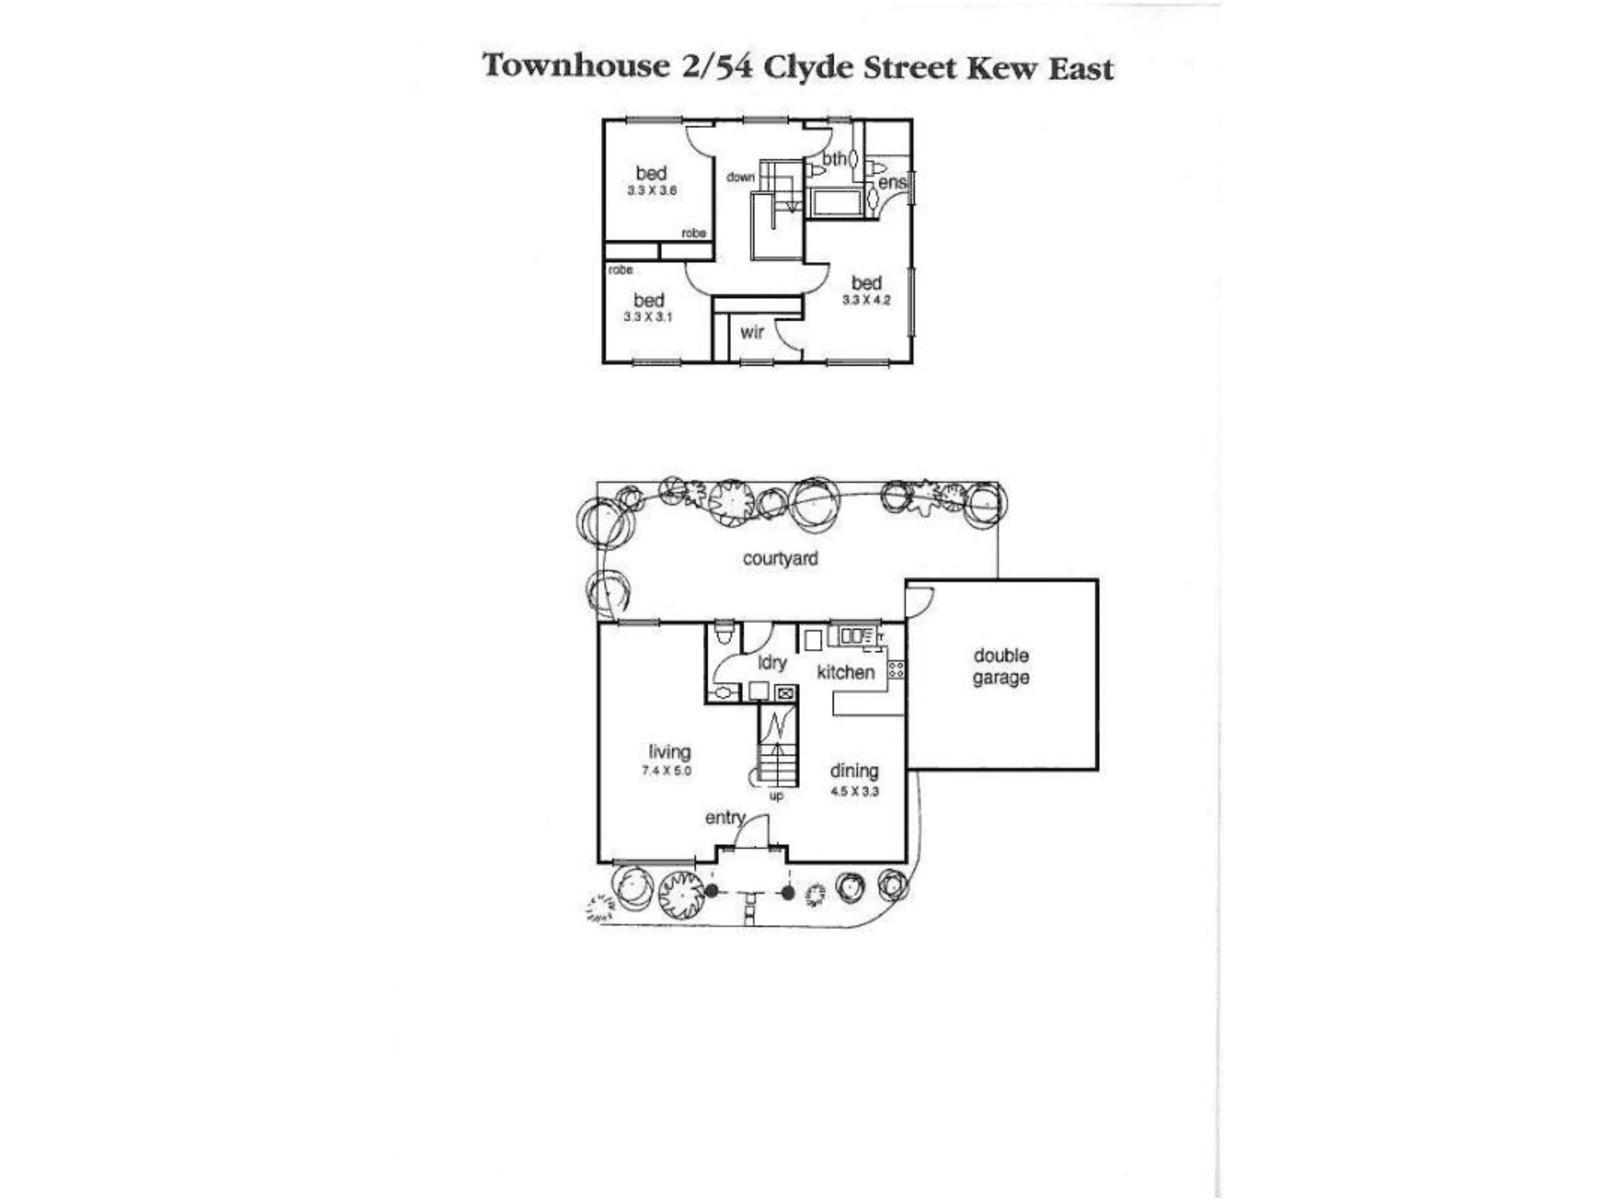 2 / 54 Clyde Street, Kew East